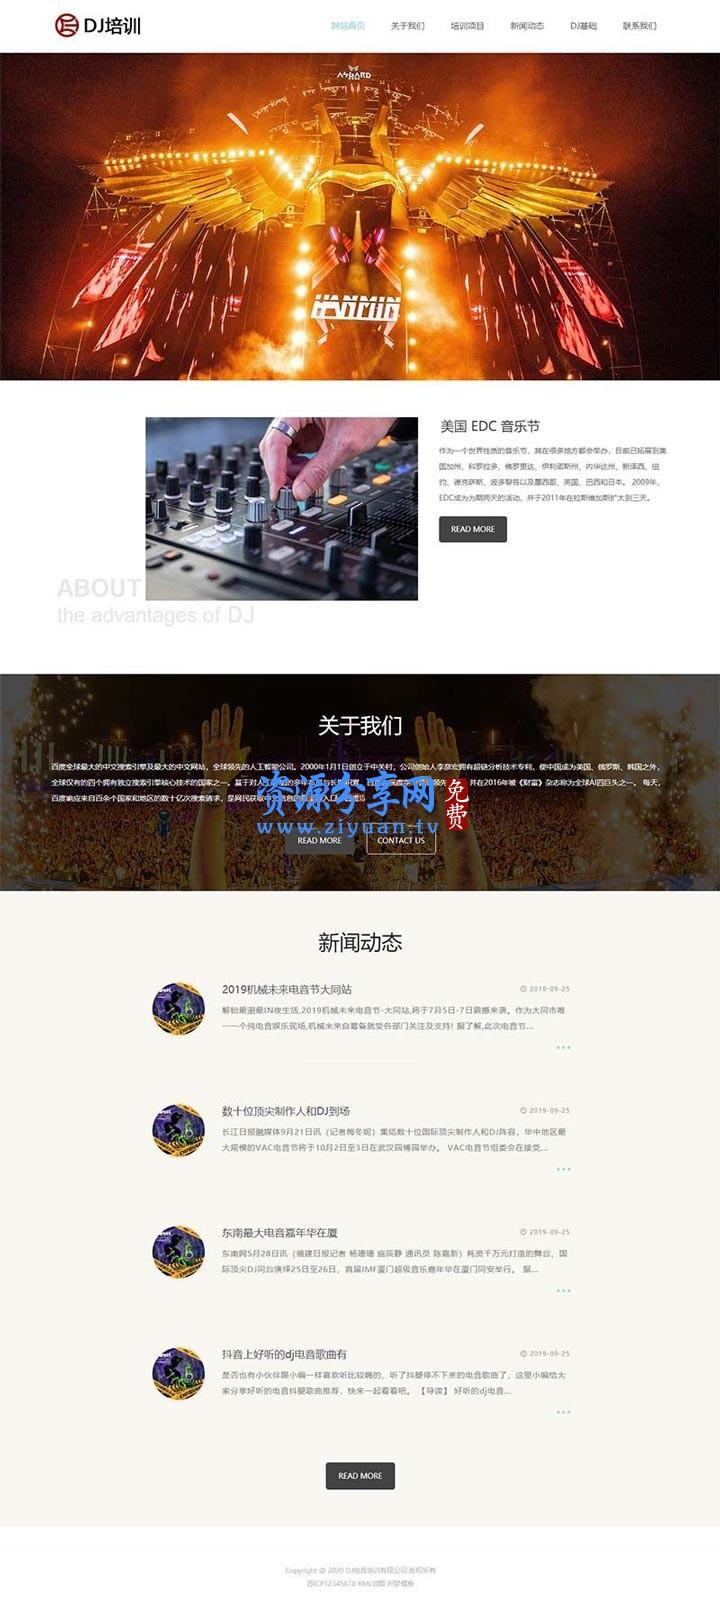 响应式 DJ 音乐电音培训机构网站 dede 织梦模板 DJ 培训机构网站模板下载